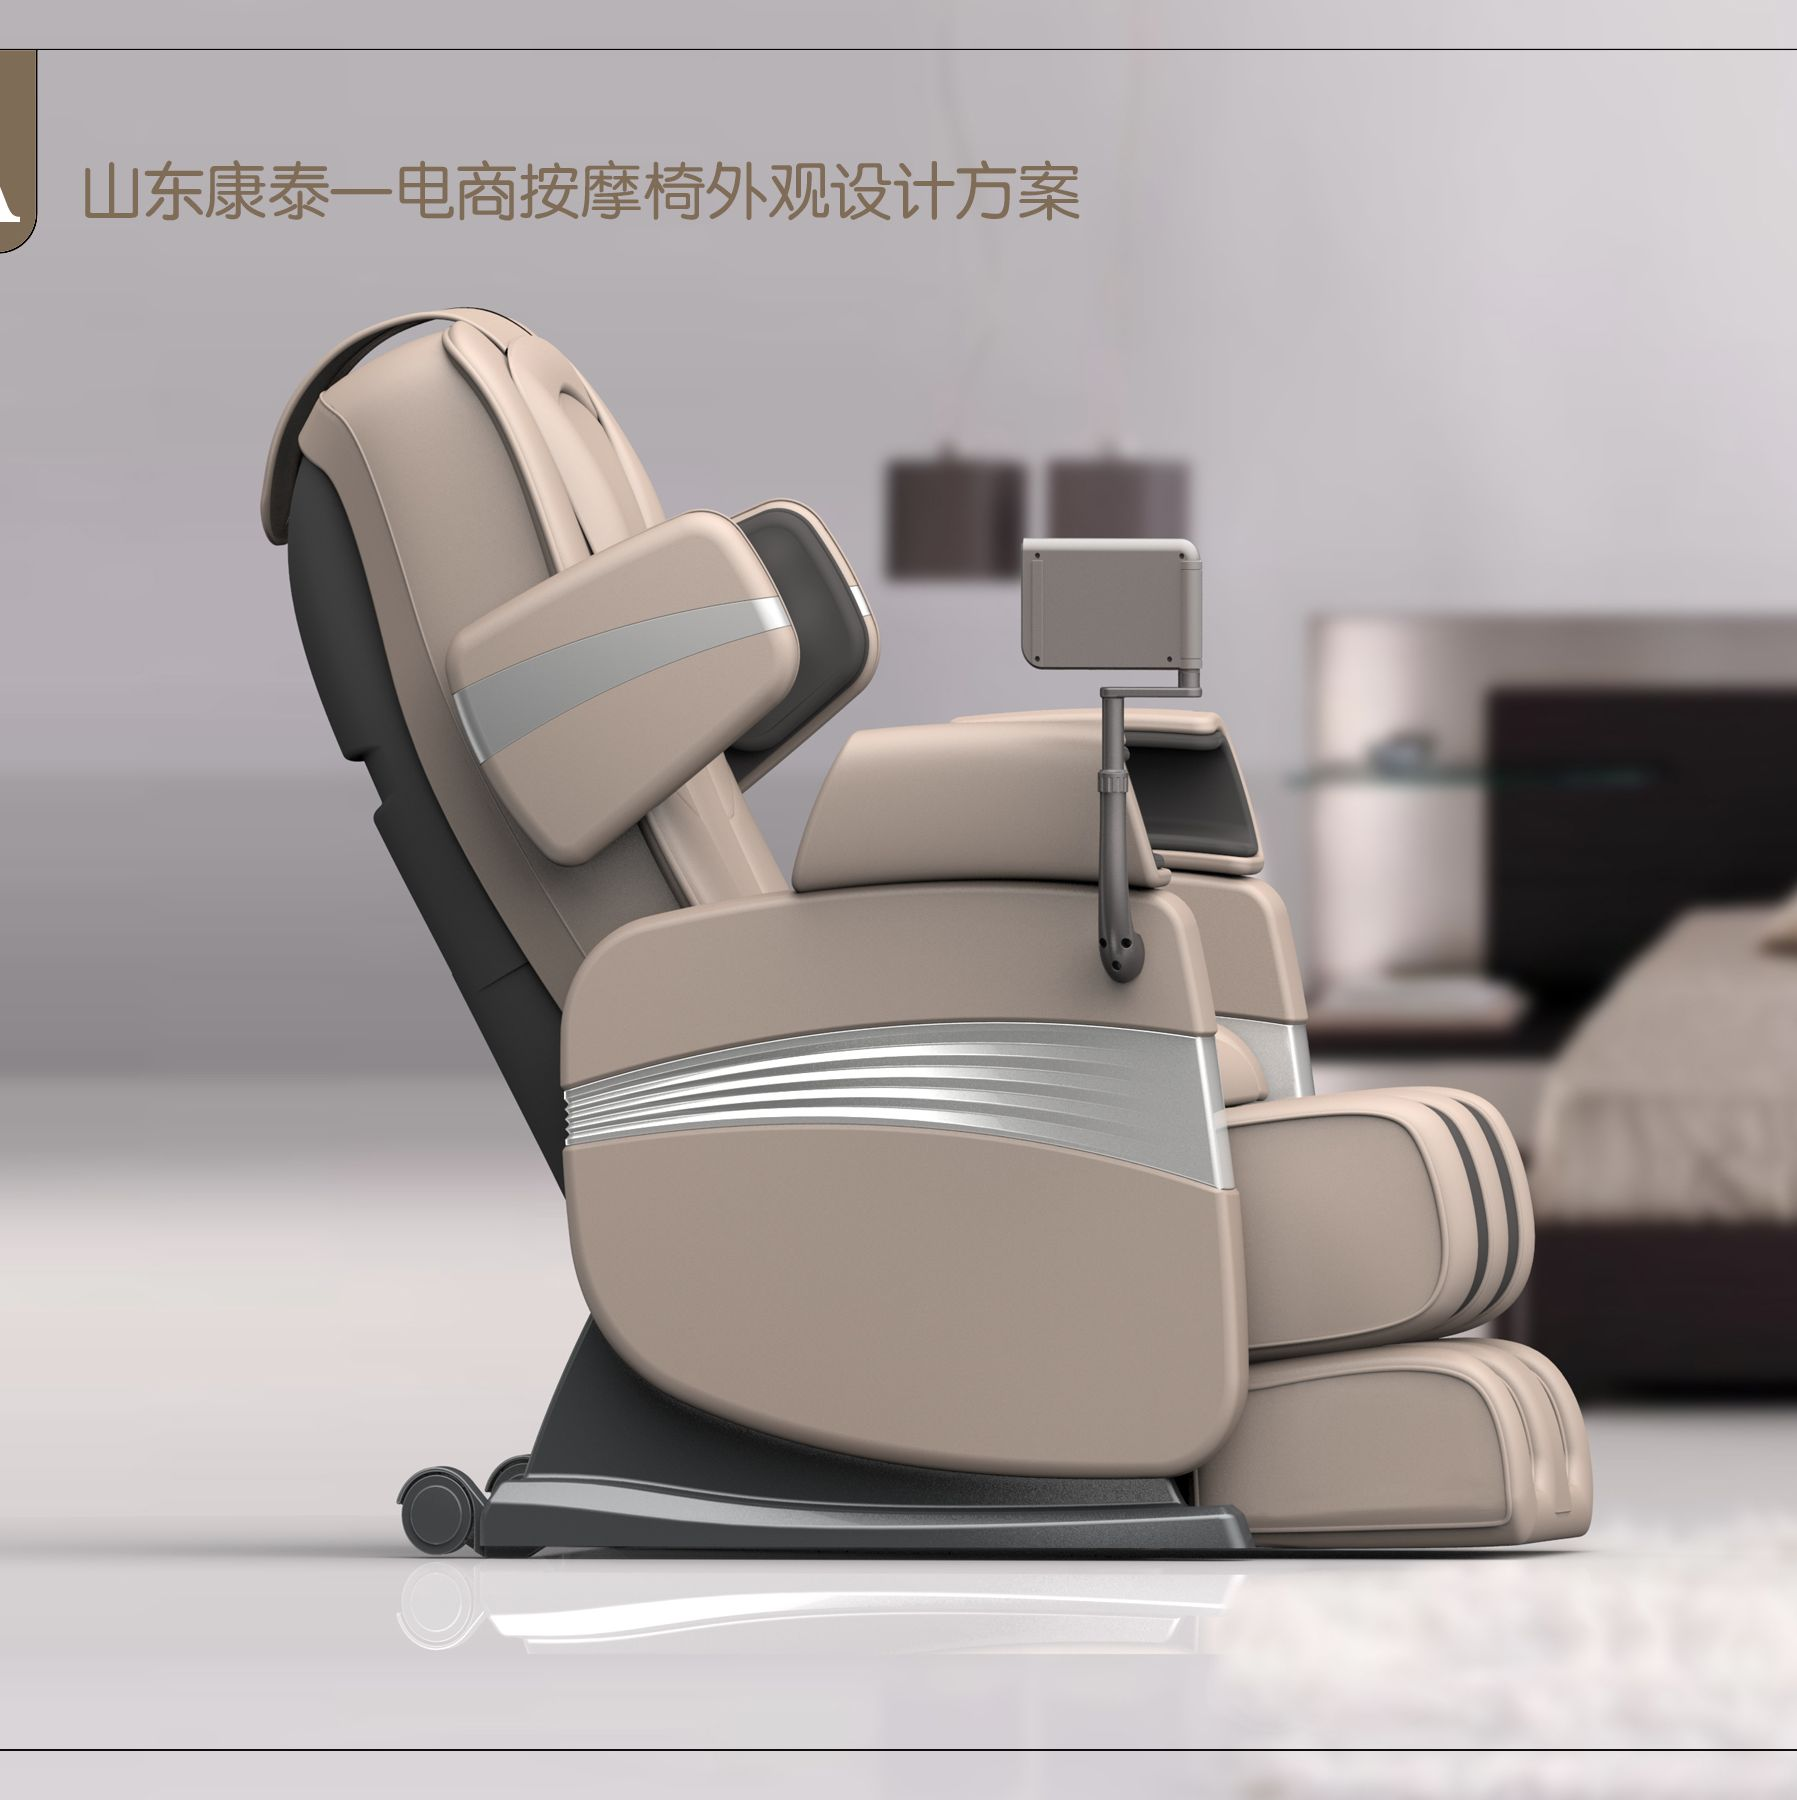 山东康泰——电动按摩椅外观设计